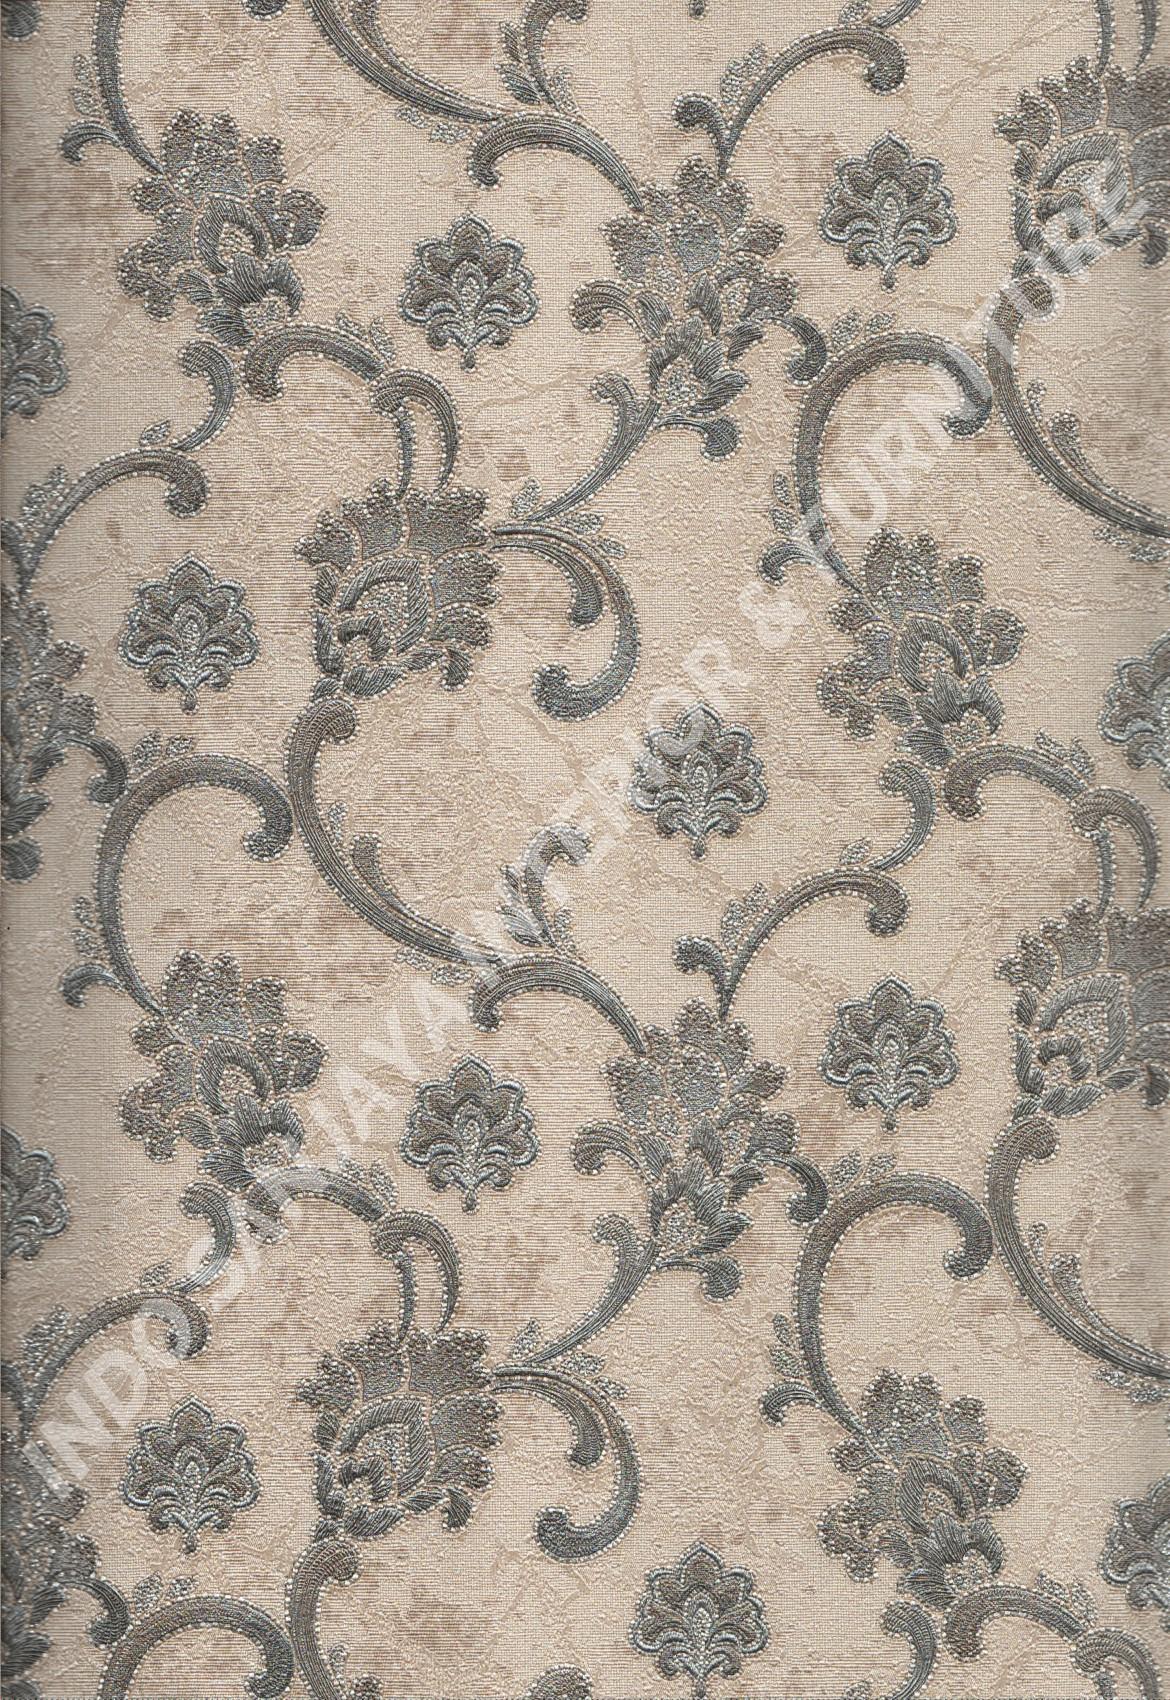 wallpaper   Wallpaper Klasik Batik (Damask) 81126-5:81126-5 corak  warna